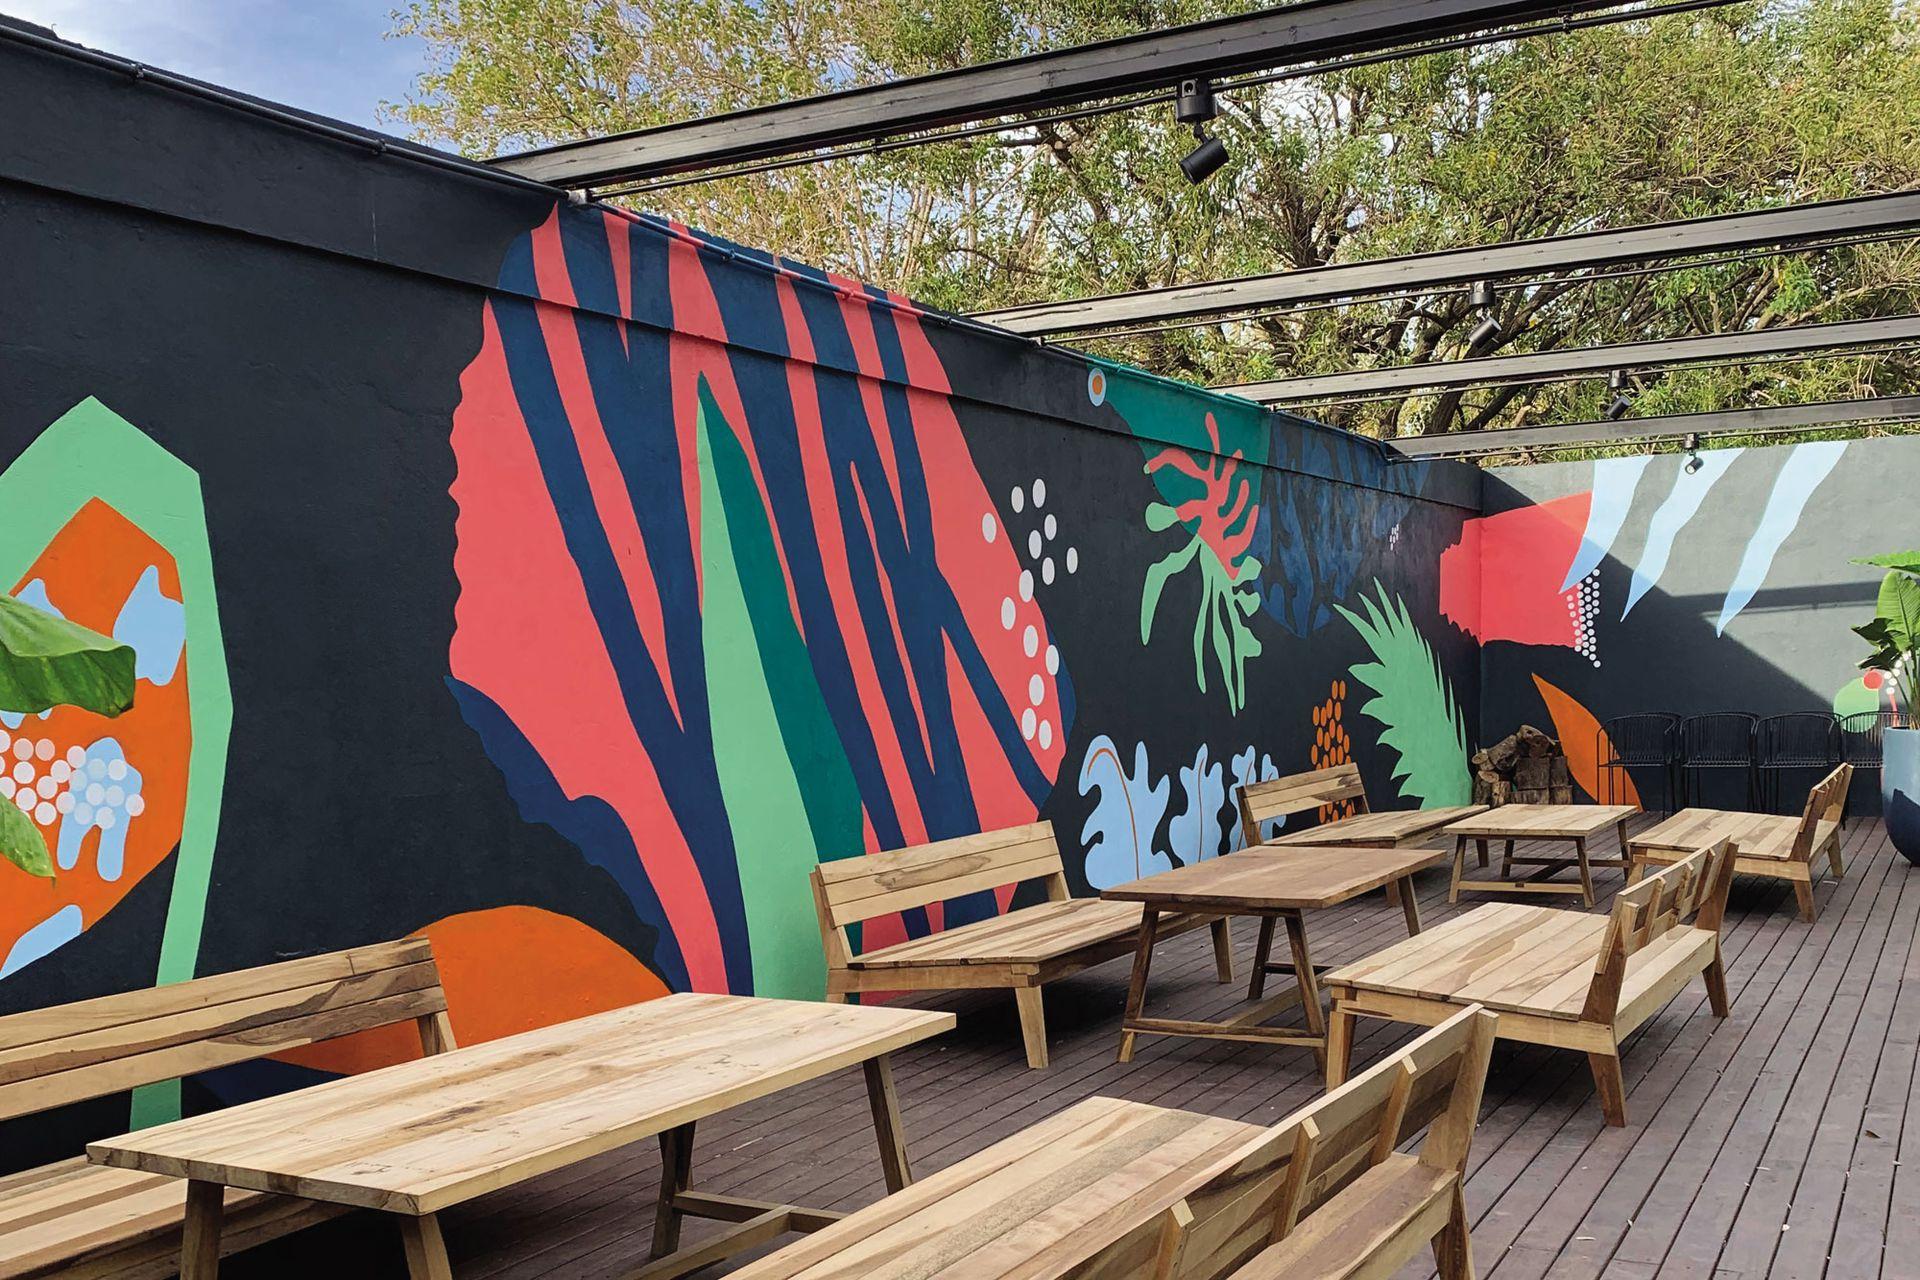 Rectas y curvas se combinan y recrean fragmentos de distintos elementos de la naturaleza, en este mural realizado por el artista Darío Parvis sobre las paredes perimetrales del patio del restaurante Enero.